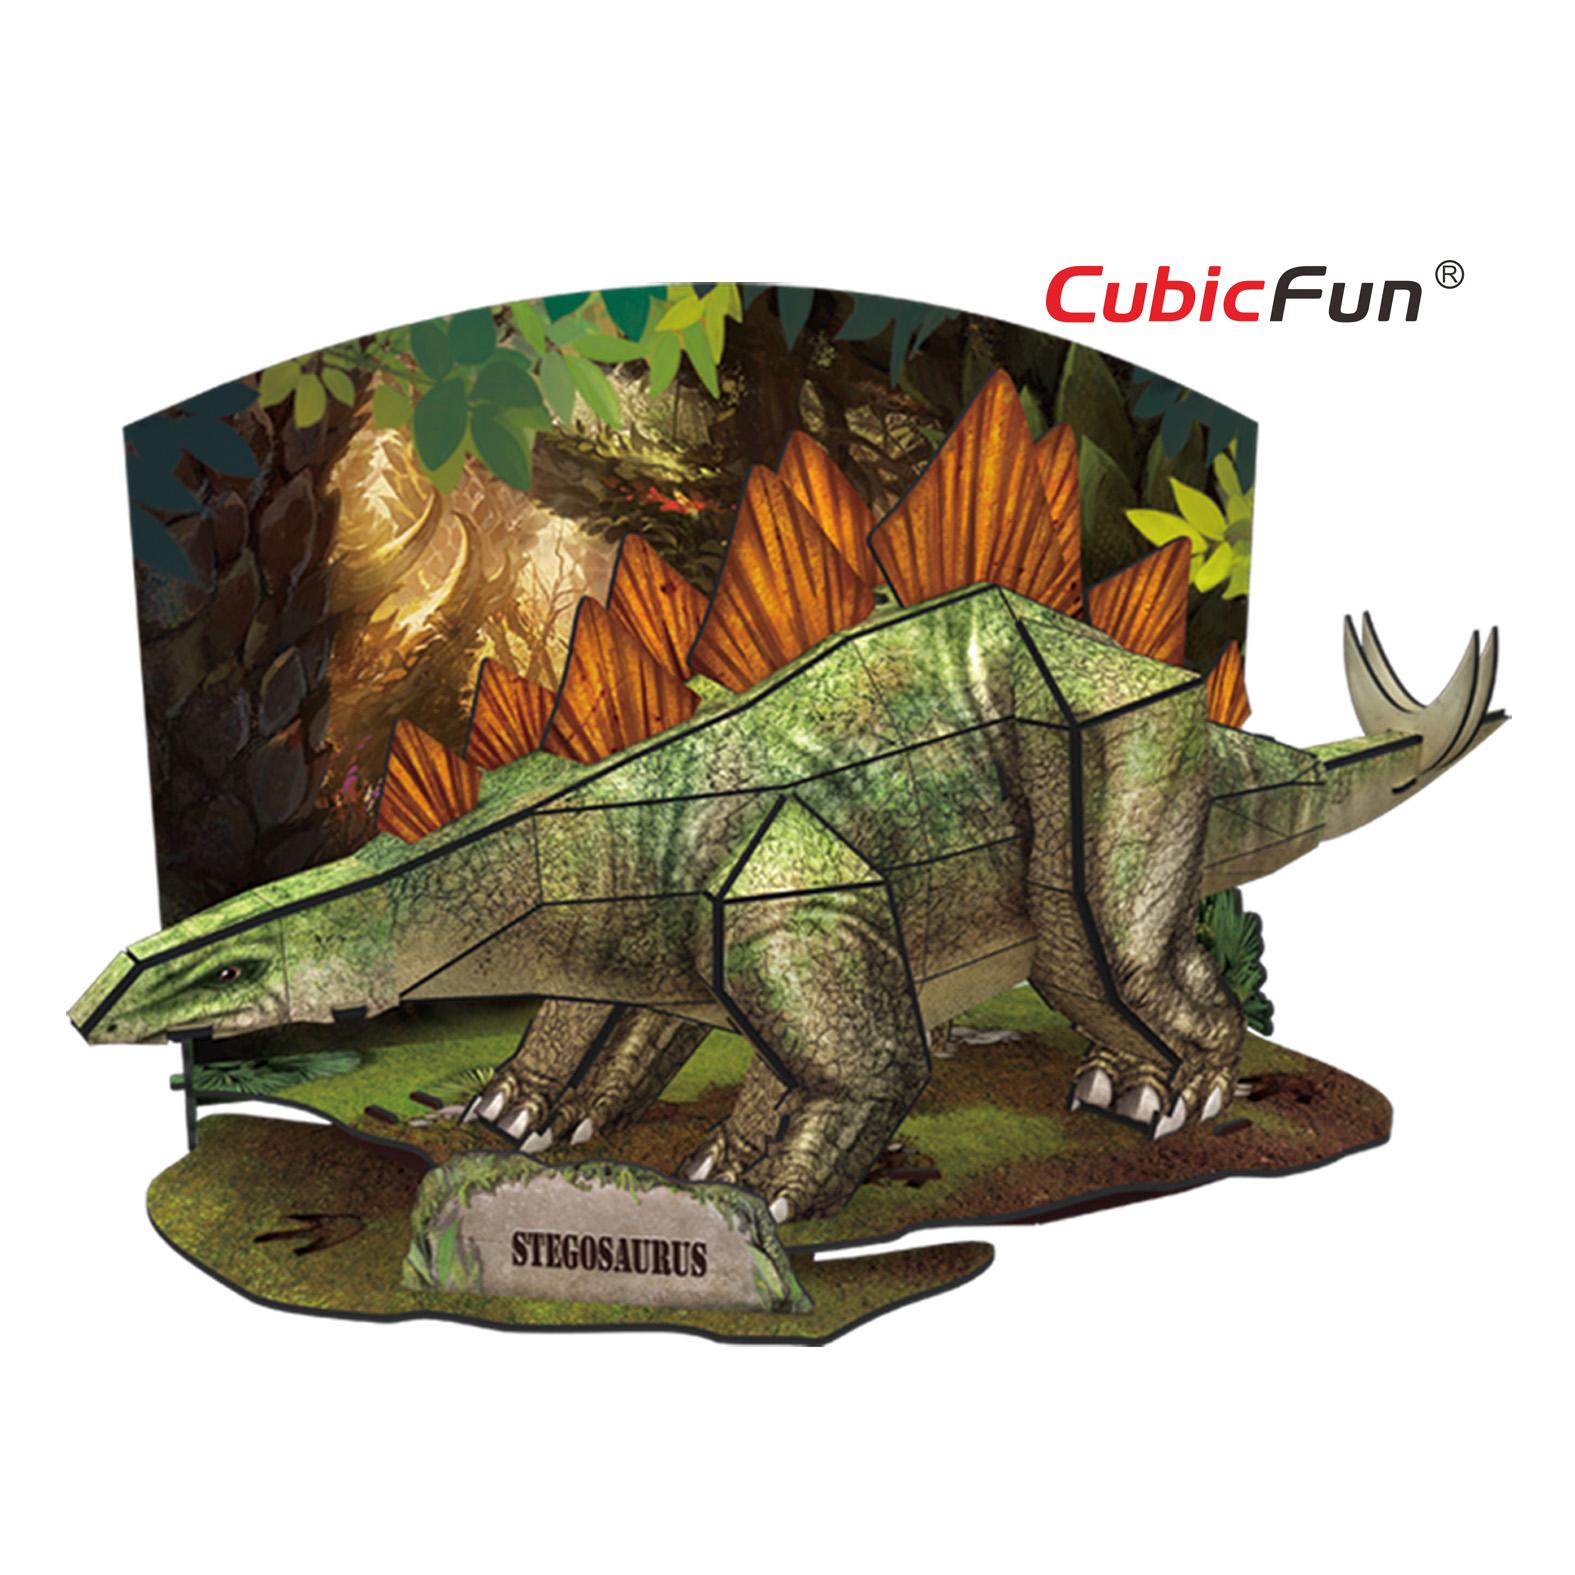 Объемный 3D-пазл из серии Эра Динозавров - СтегозаврПазлы объёмные 3D<br>Объемный 3D-пазл из серии Эра Динозавров - Стегозавр<br>